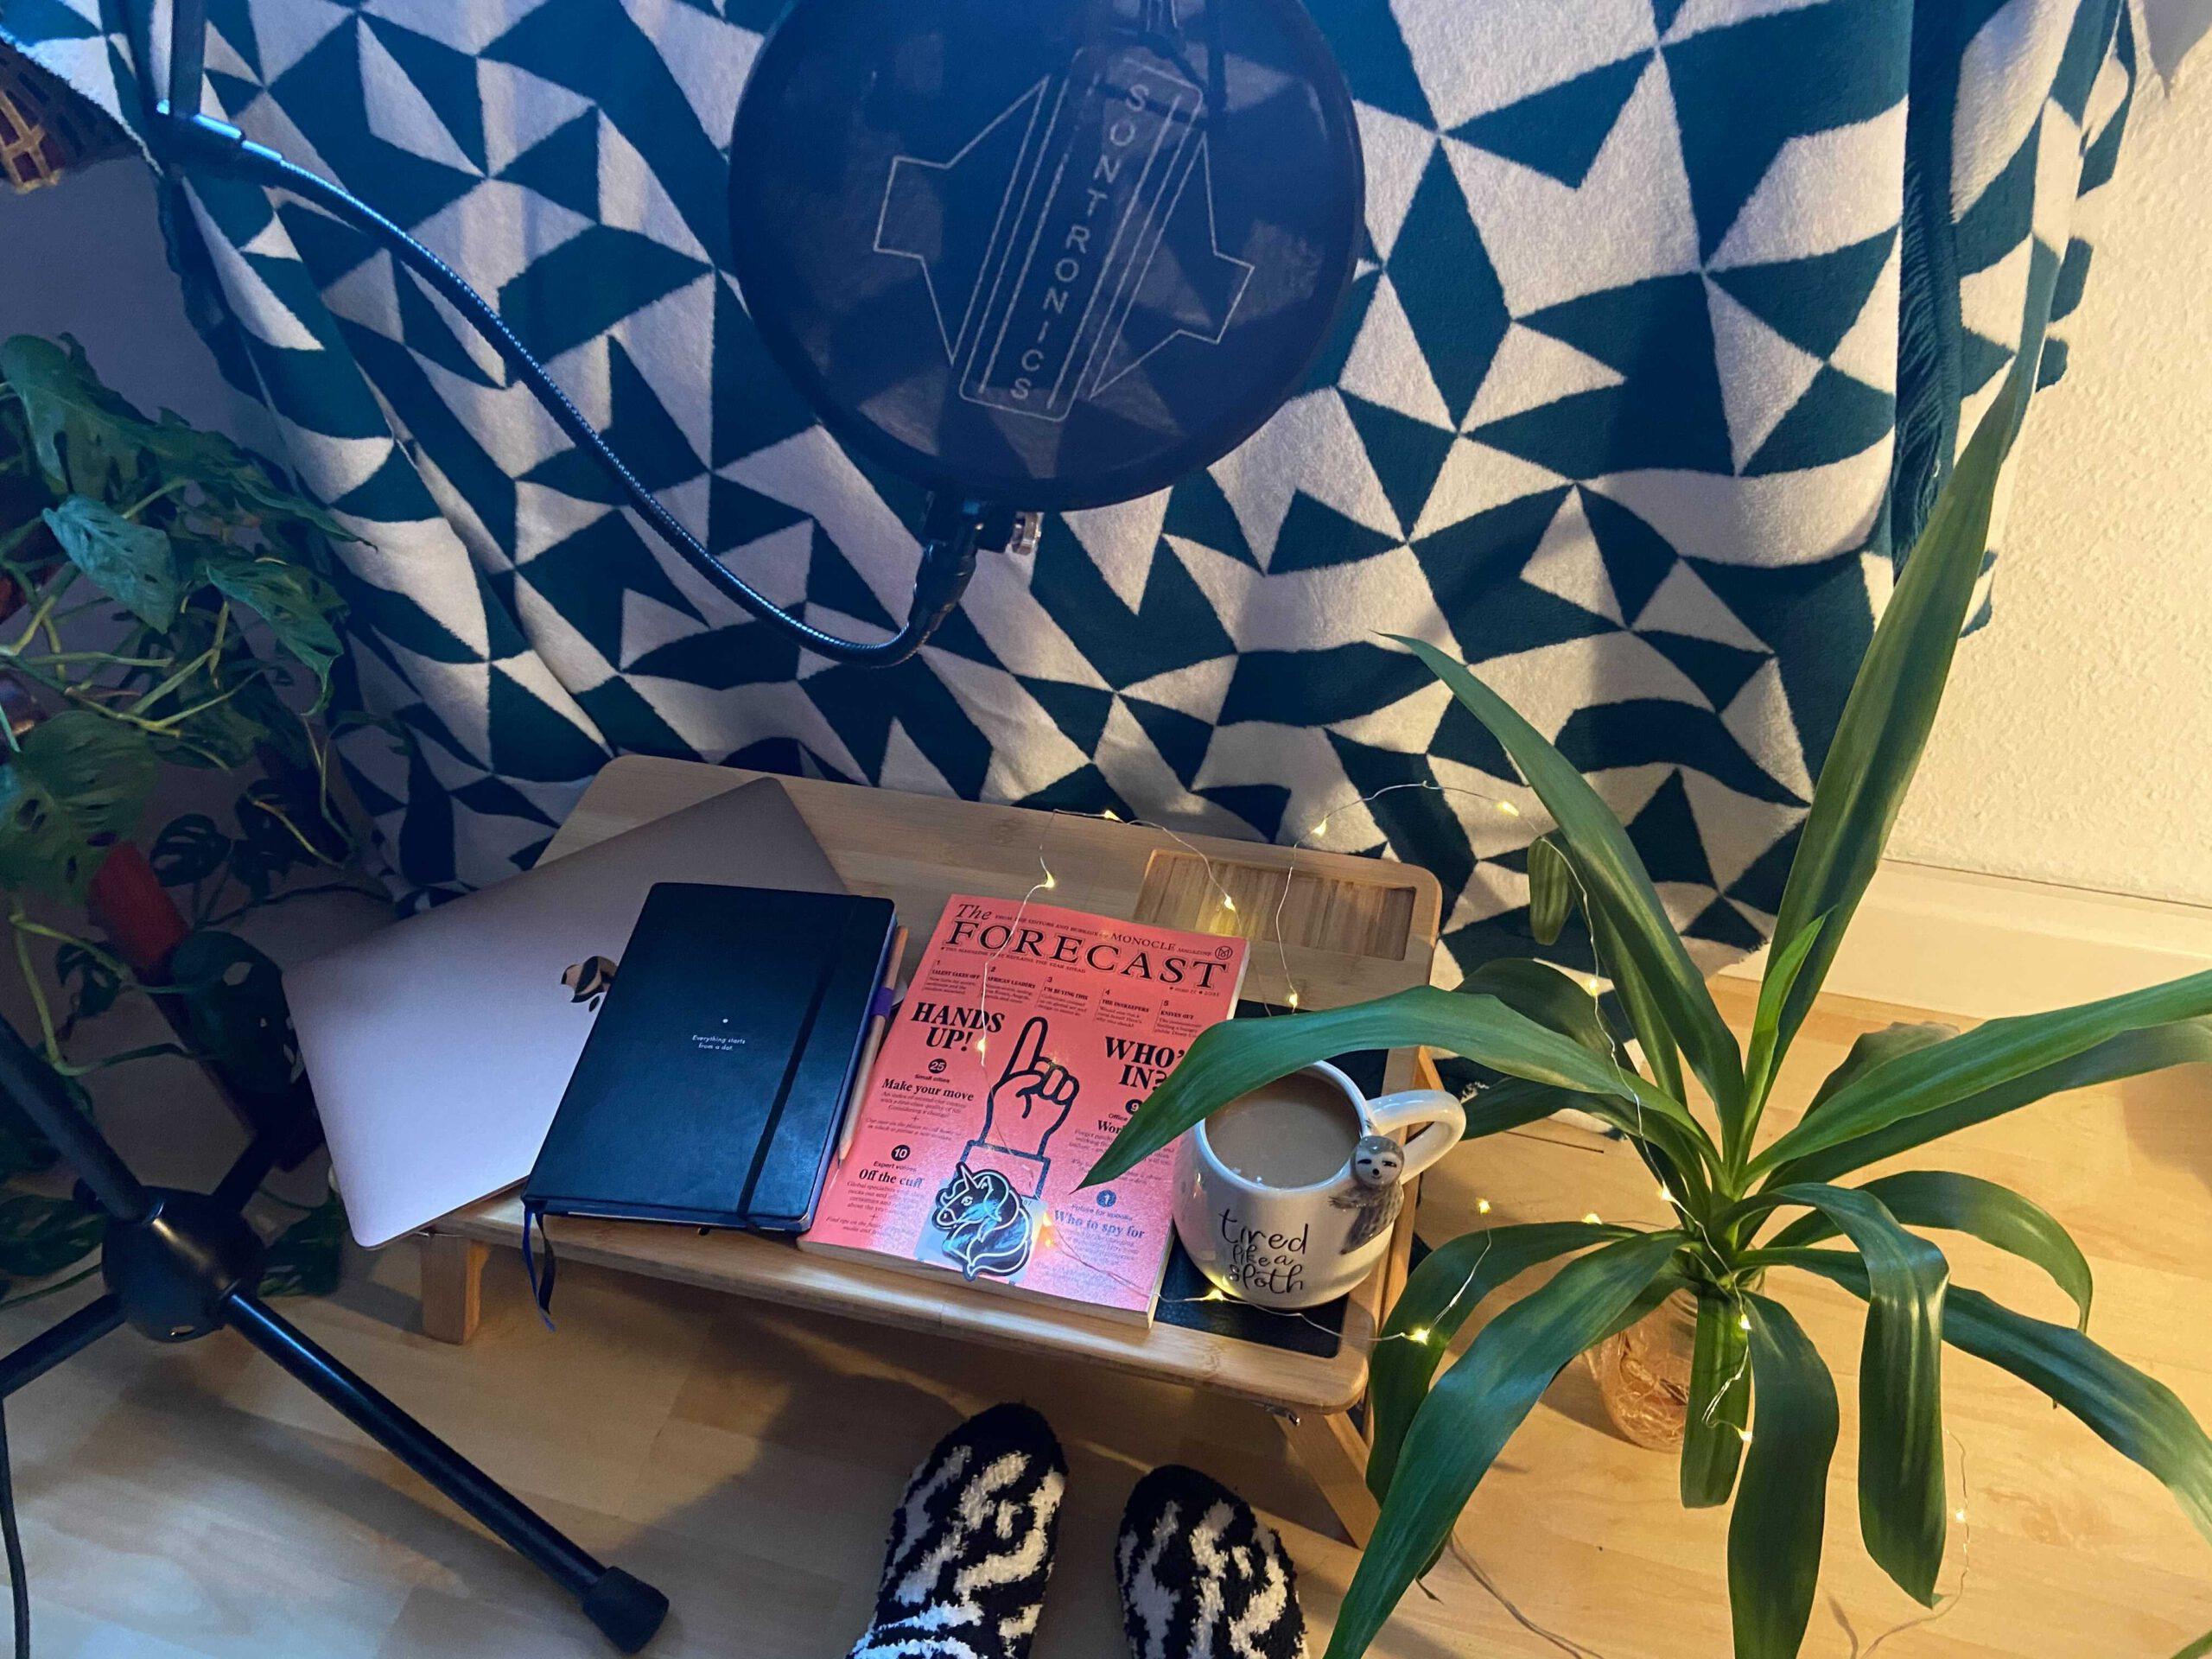 Podcast-Mikro, Buch und Teetasse